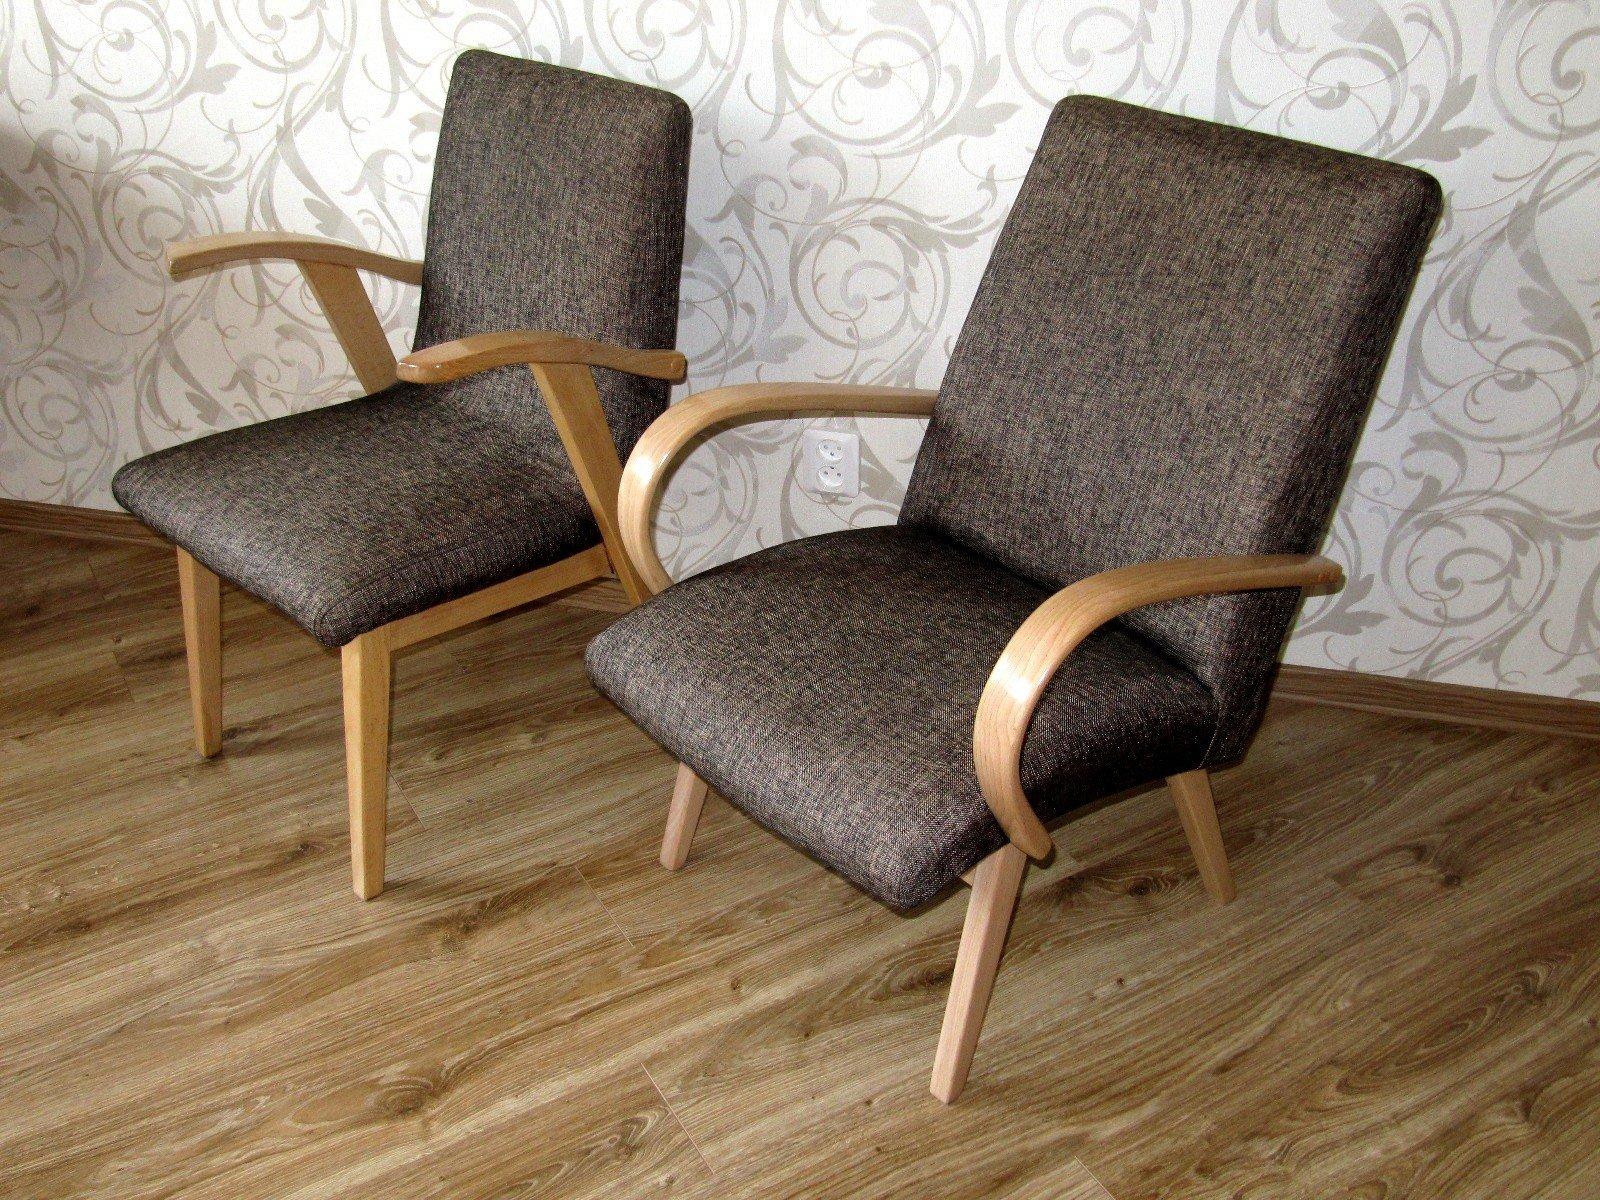 фото идеи обивки кресла